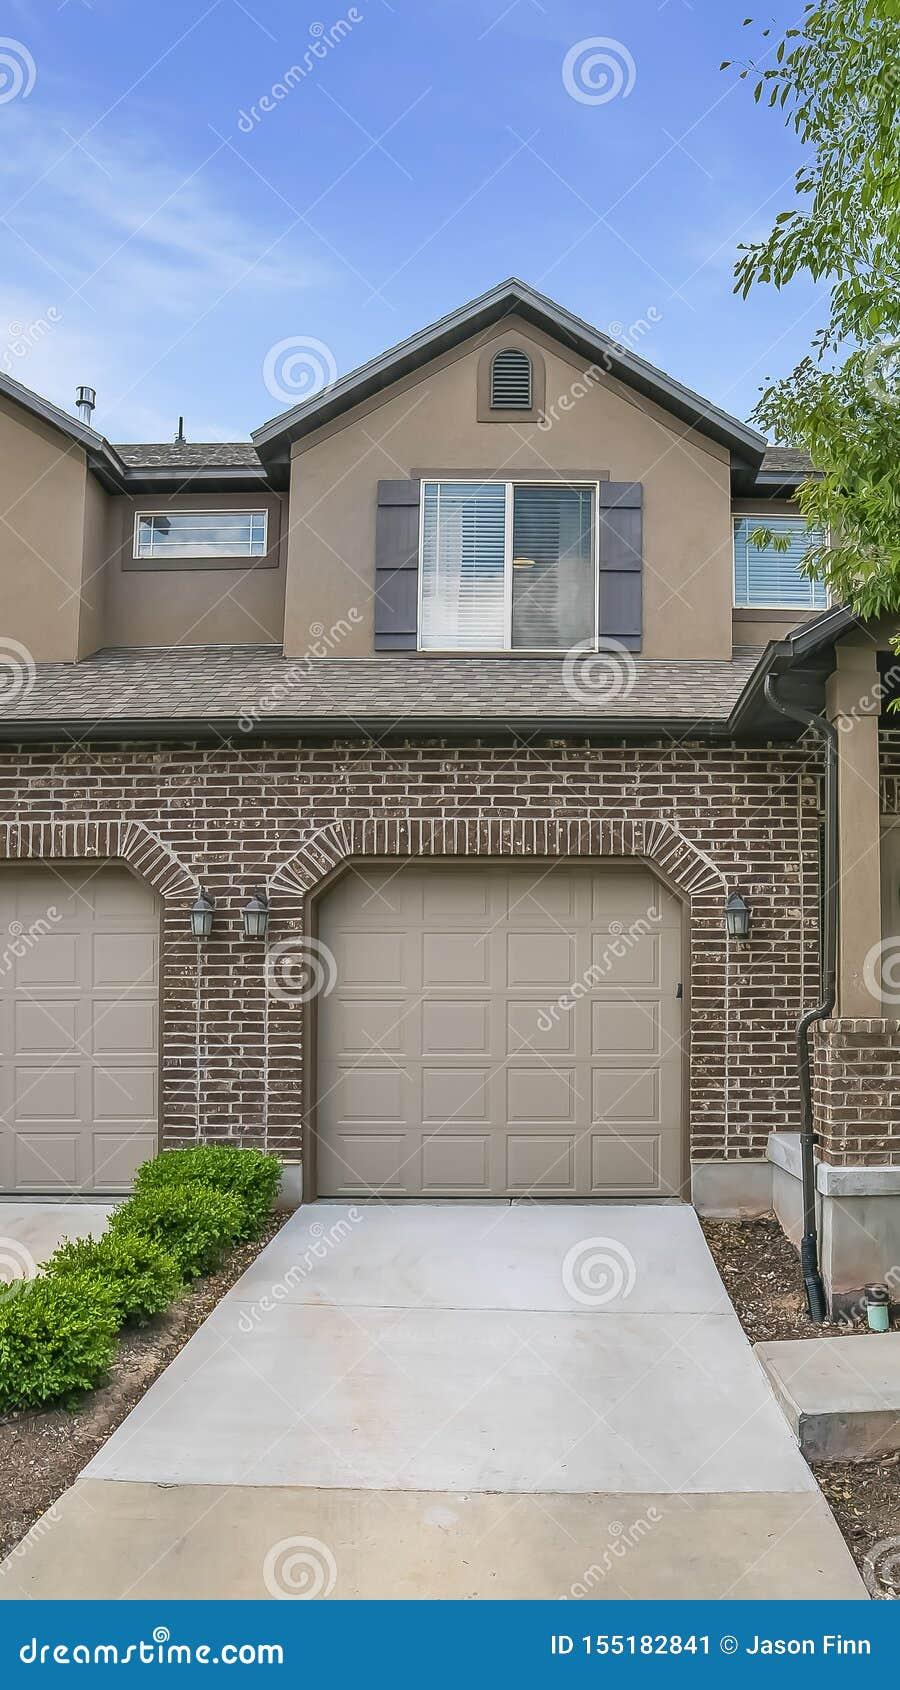 Verticale die kaderyard en portiek bij de voorgevel van een huis met bakstenen muur en zoldervensters wordt bekeken